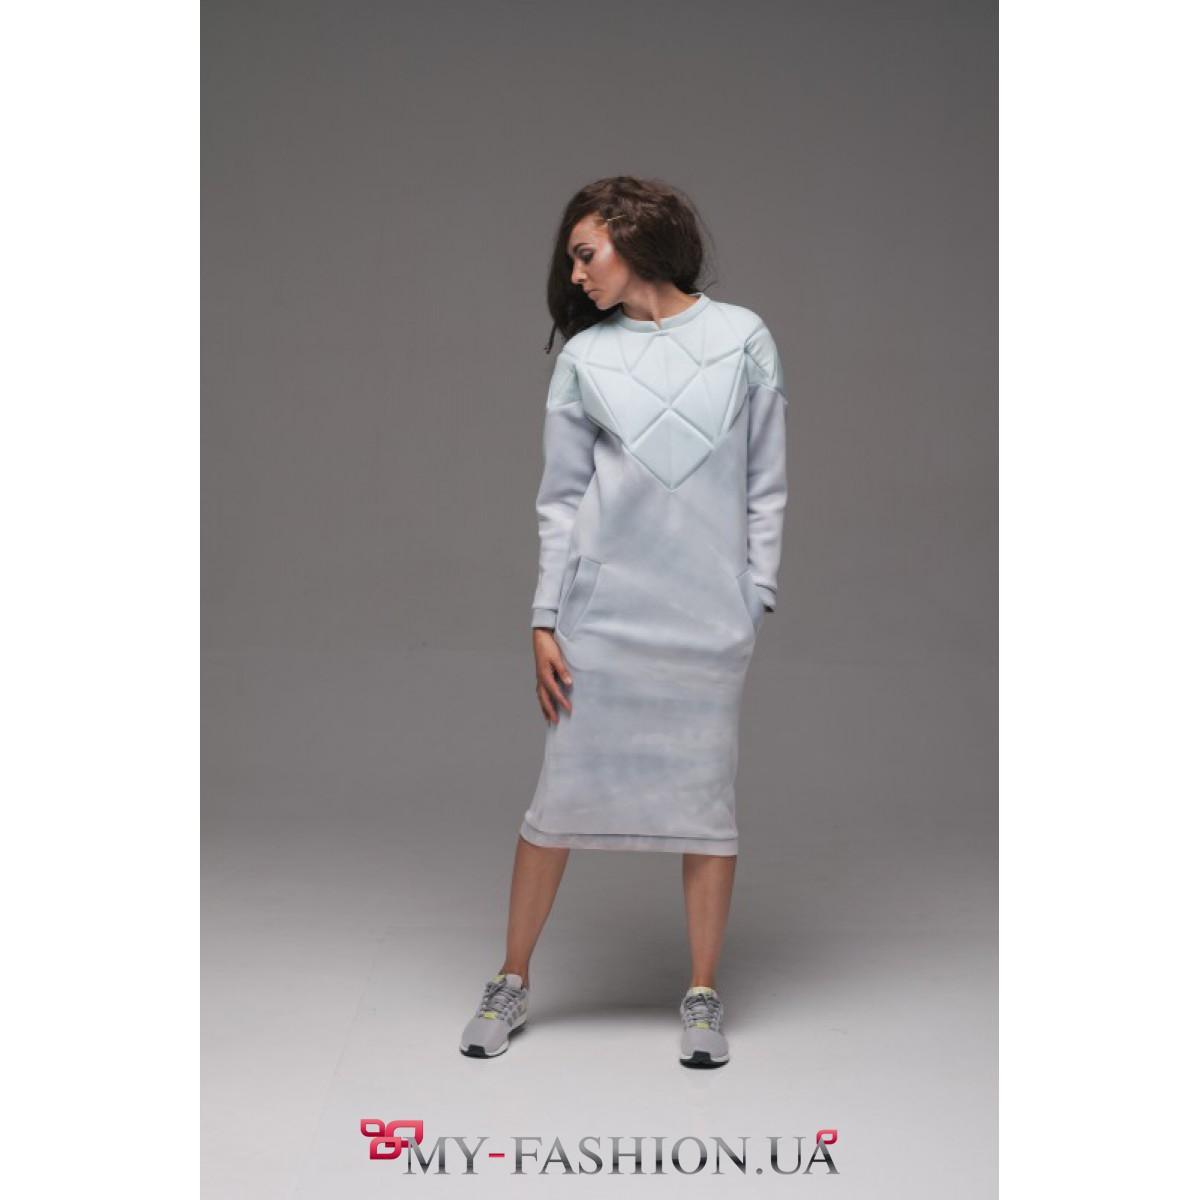 Спортивный стиль платье купить